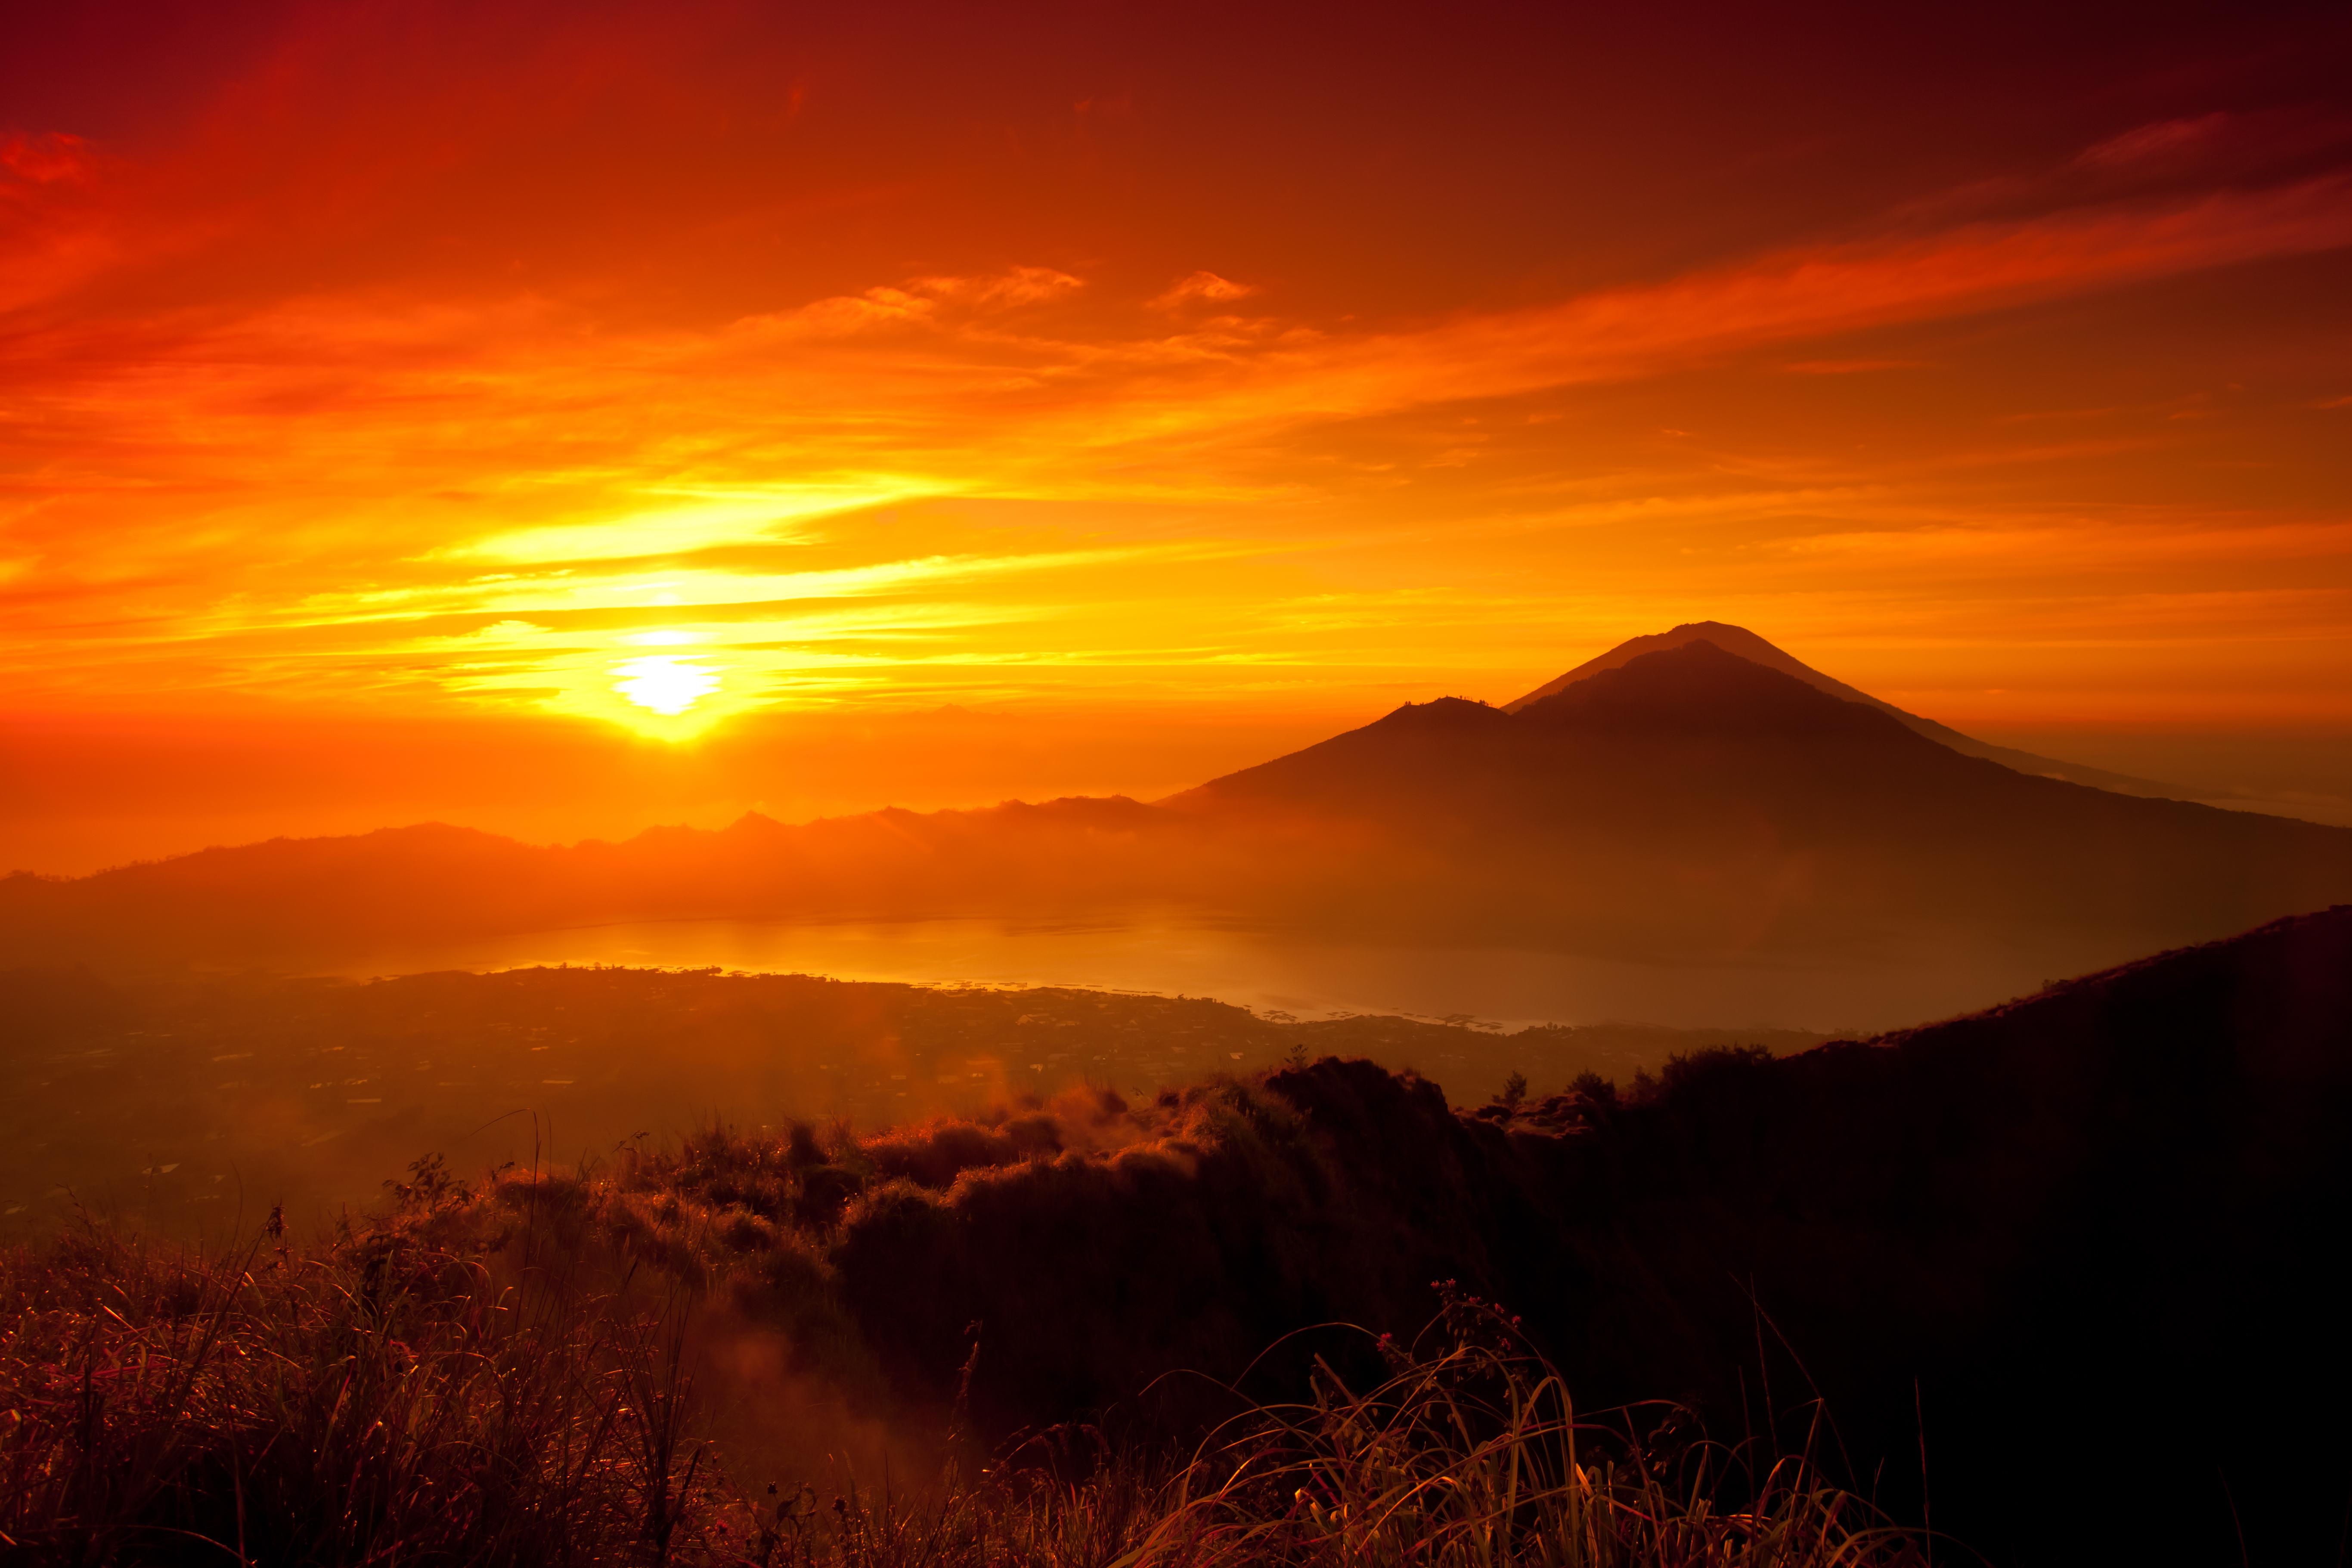 sunrise hospi sunrise hospital - HD2560×1600